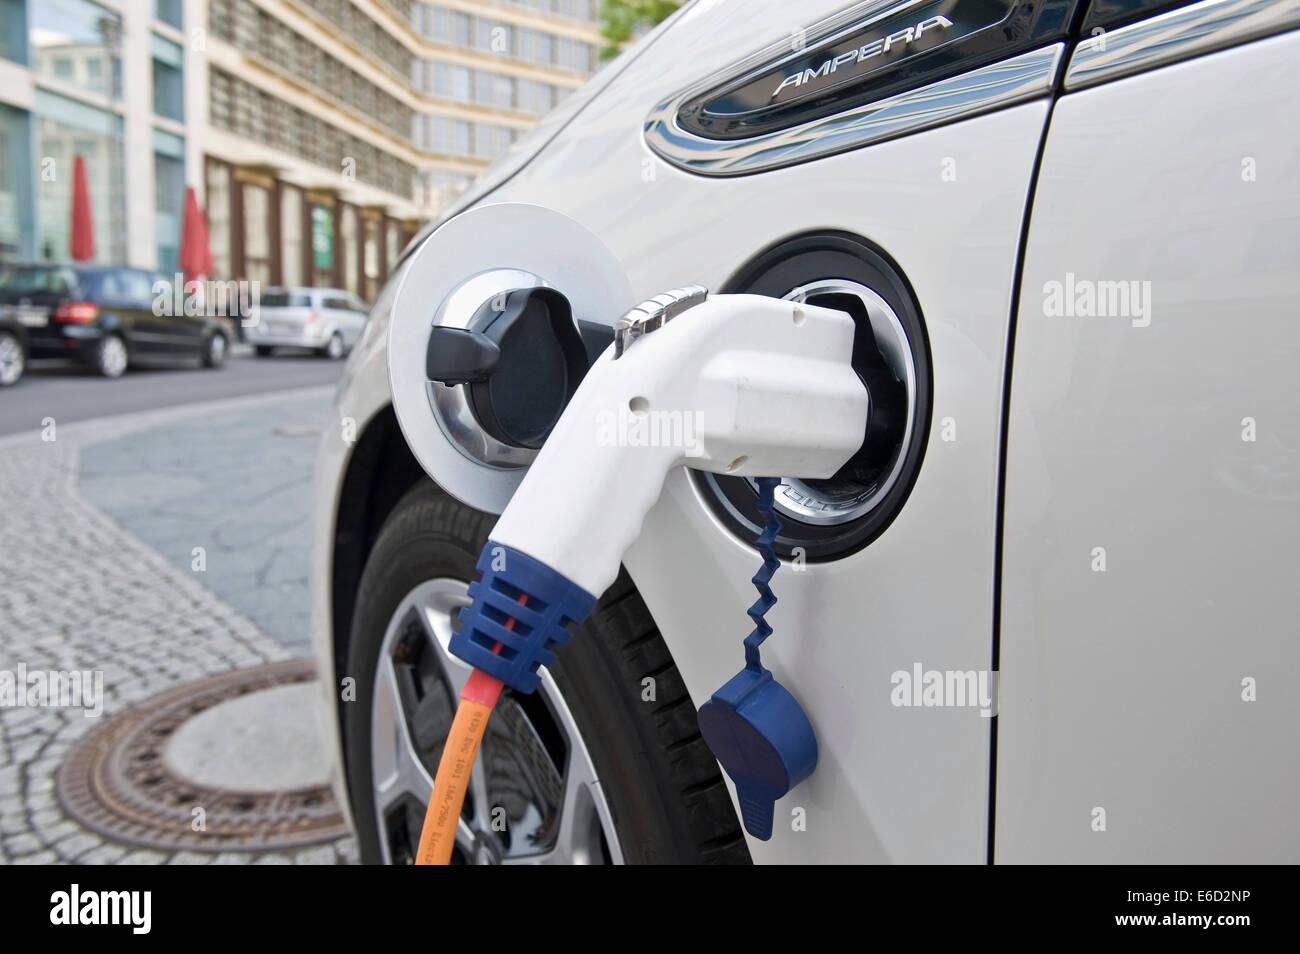 L'Opel Ampera, voiture électrique, à une station de charge, Berlin, Allemagne Photo Stock